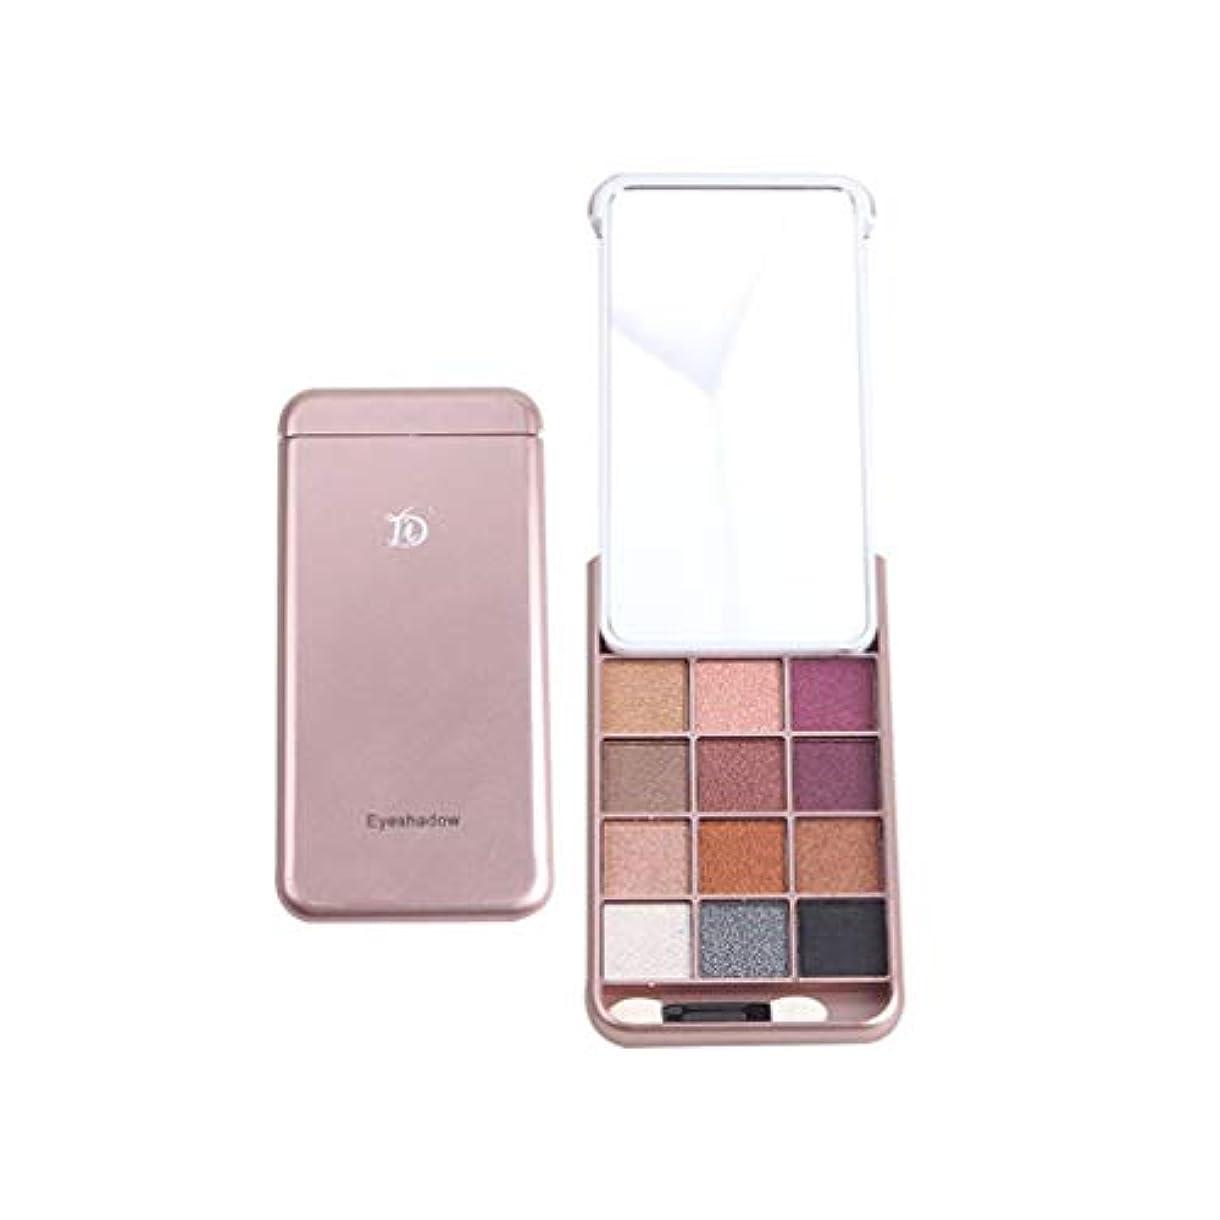 レンズつづり隙間ファッション模倣携帯電話の目は色に持ち運びが容易かつ簡単にミラー12カラーアイシャドウ皿影